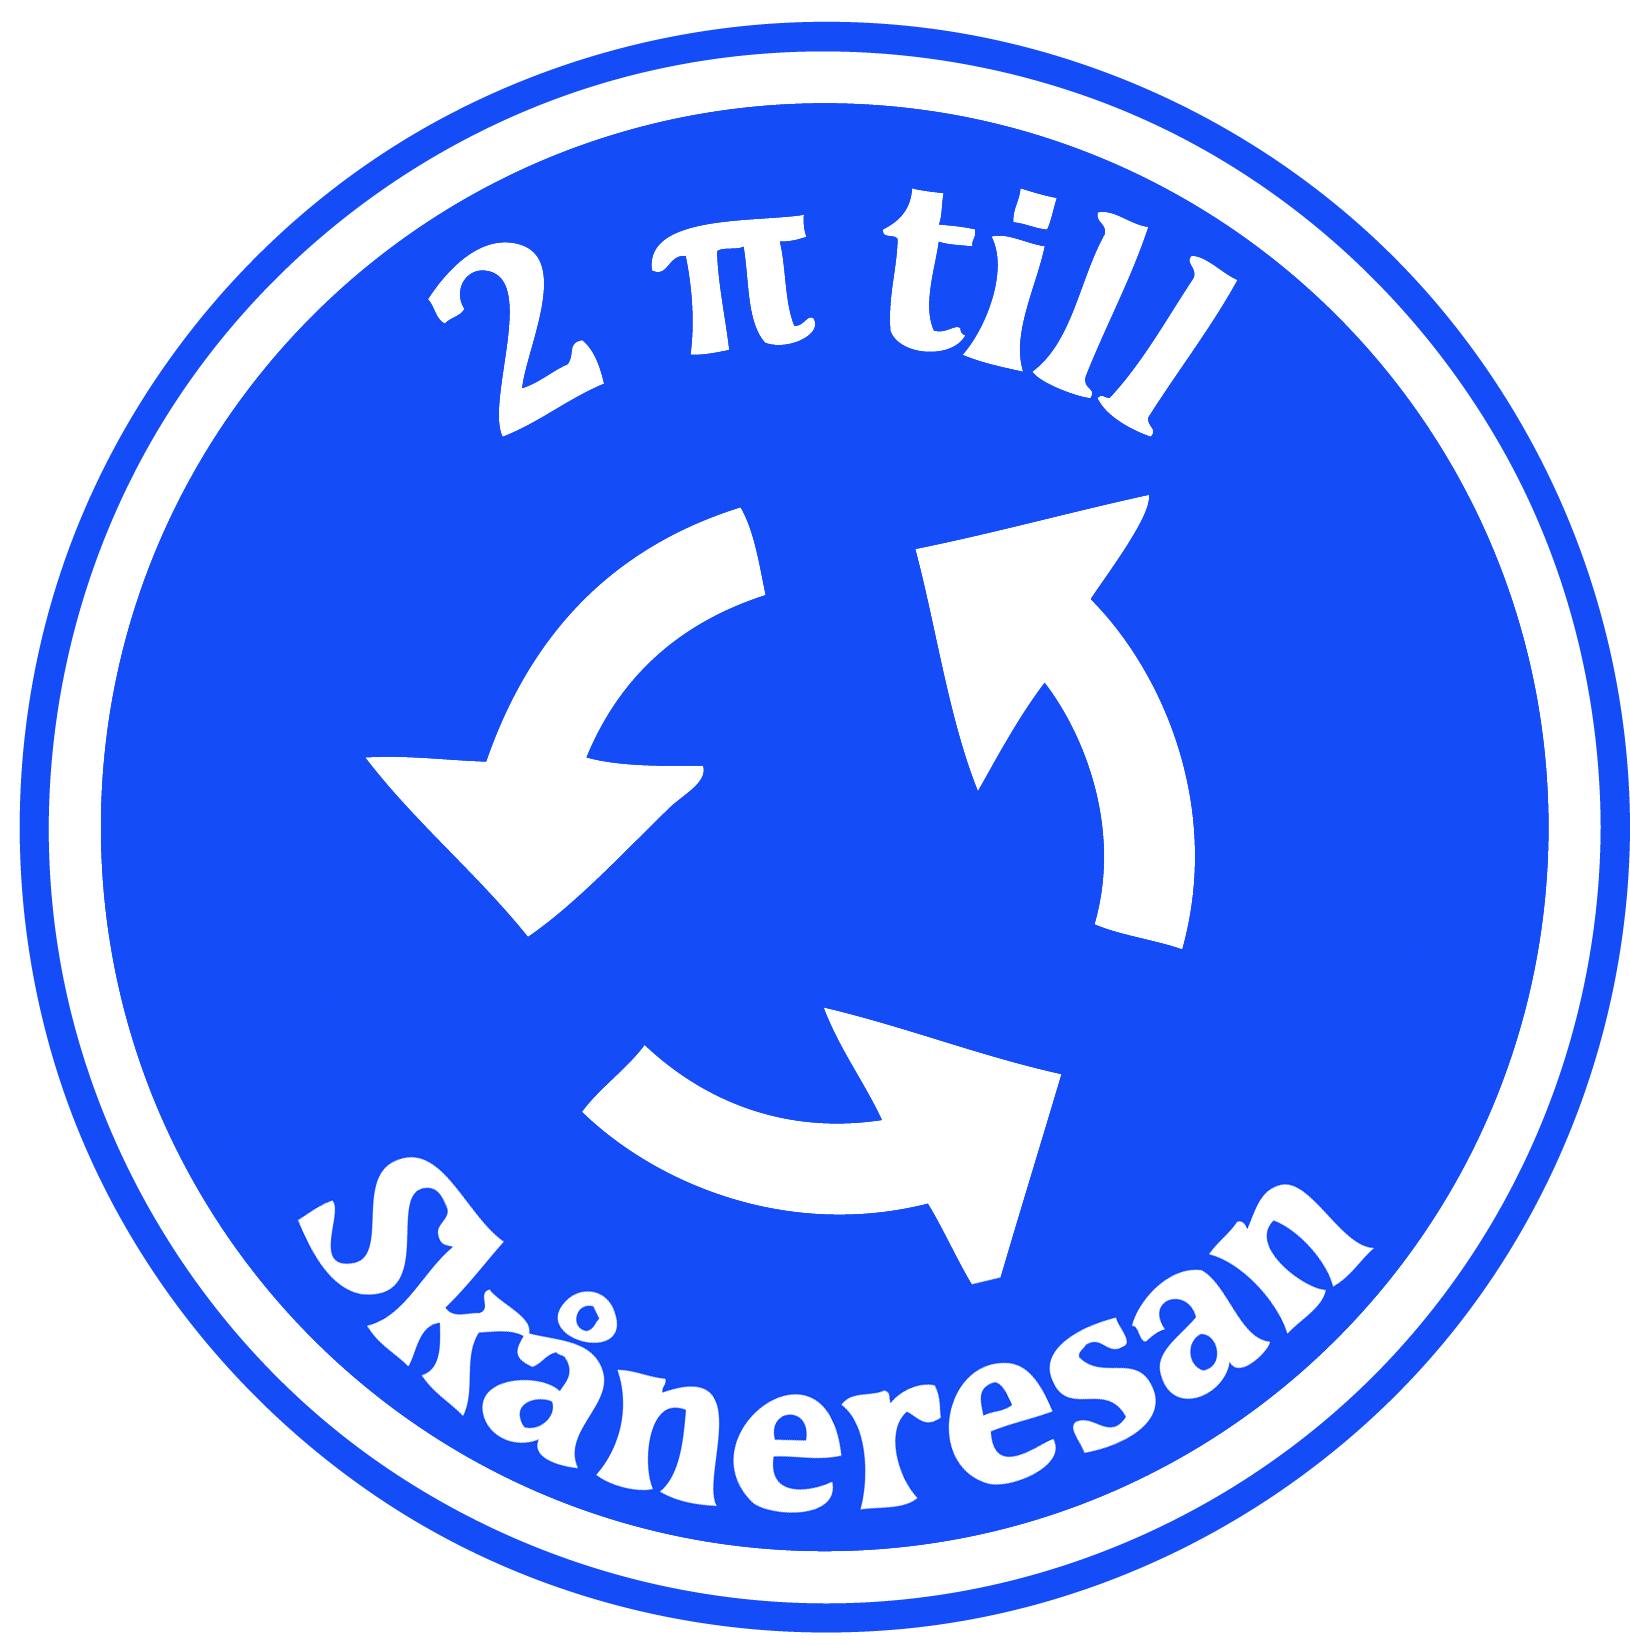 Märke-Skåneresa.jpg